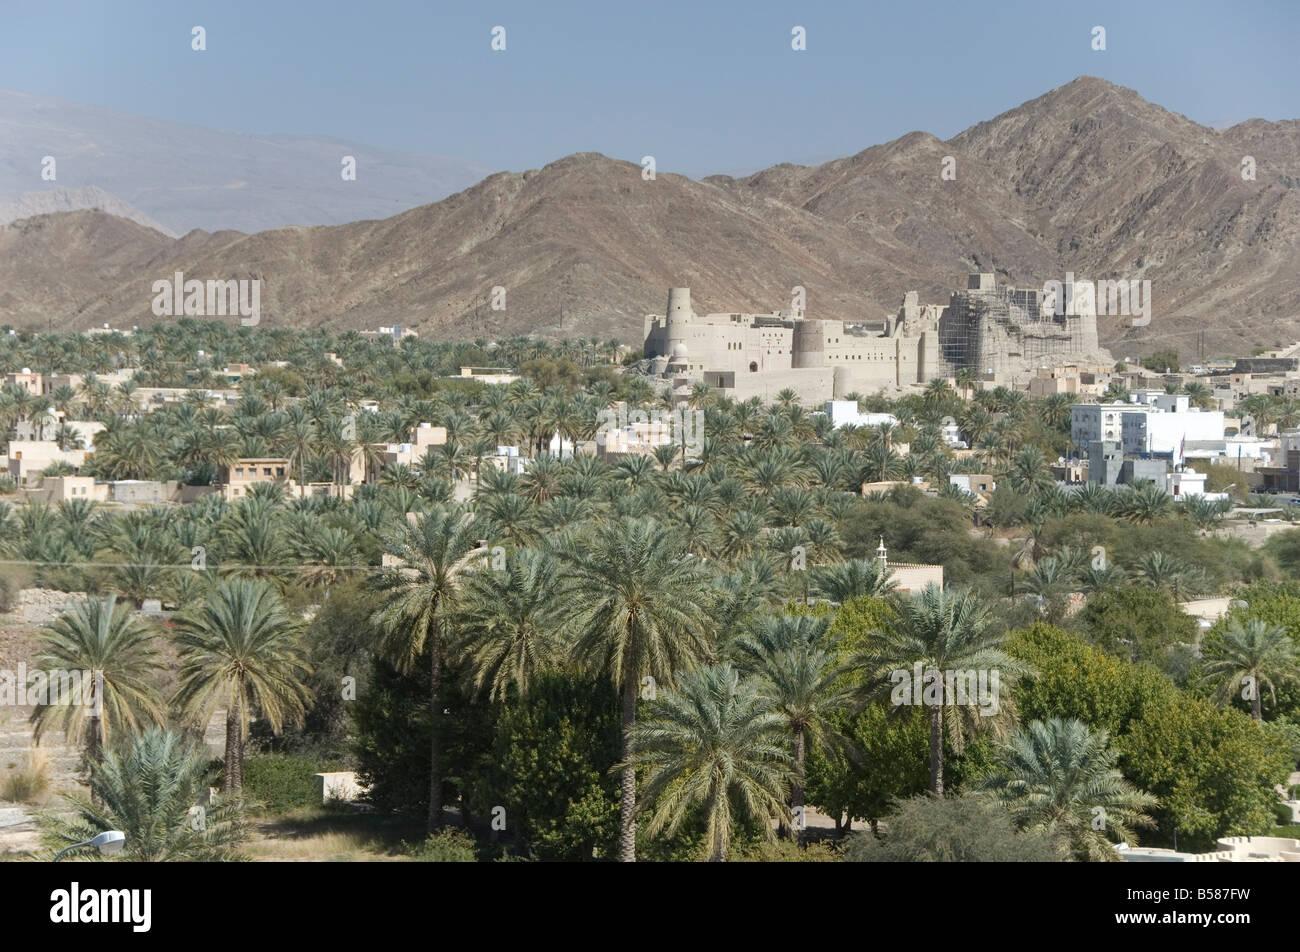 Fort en palmery en el borde de la moderna ciudad oasis, Bahla, Omán, Oriente Medio Imagen De Stock